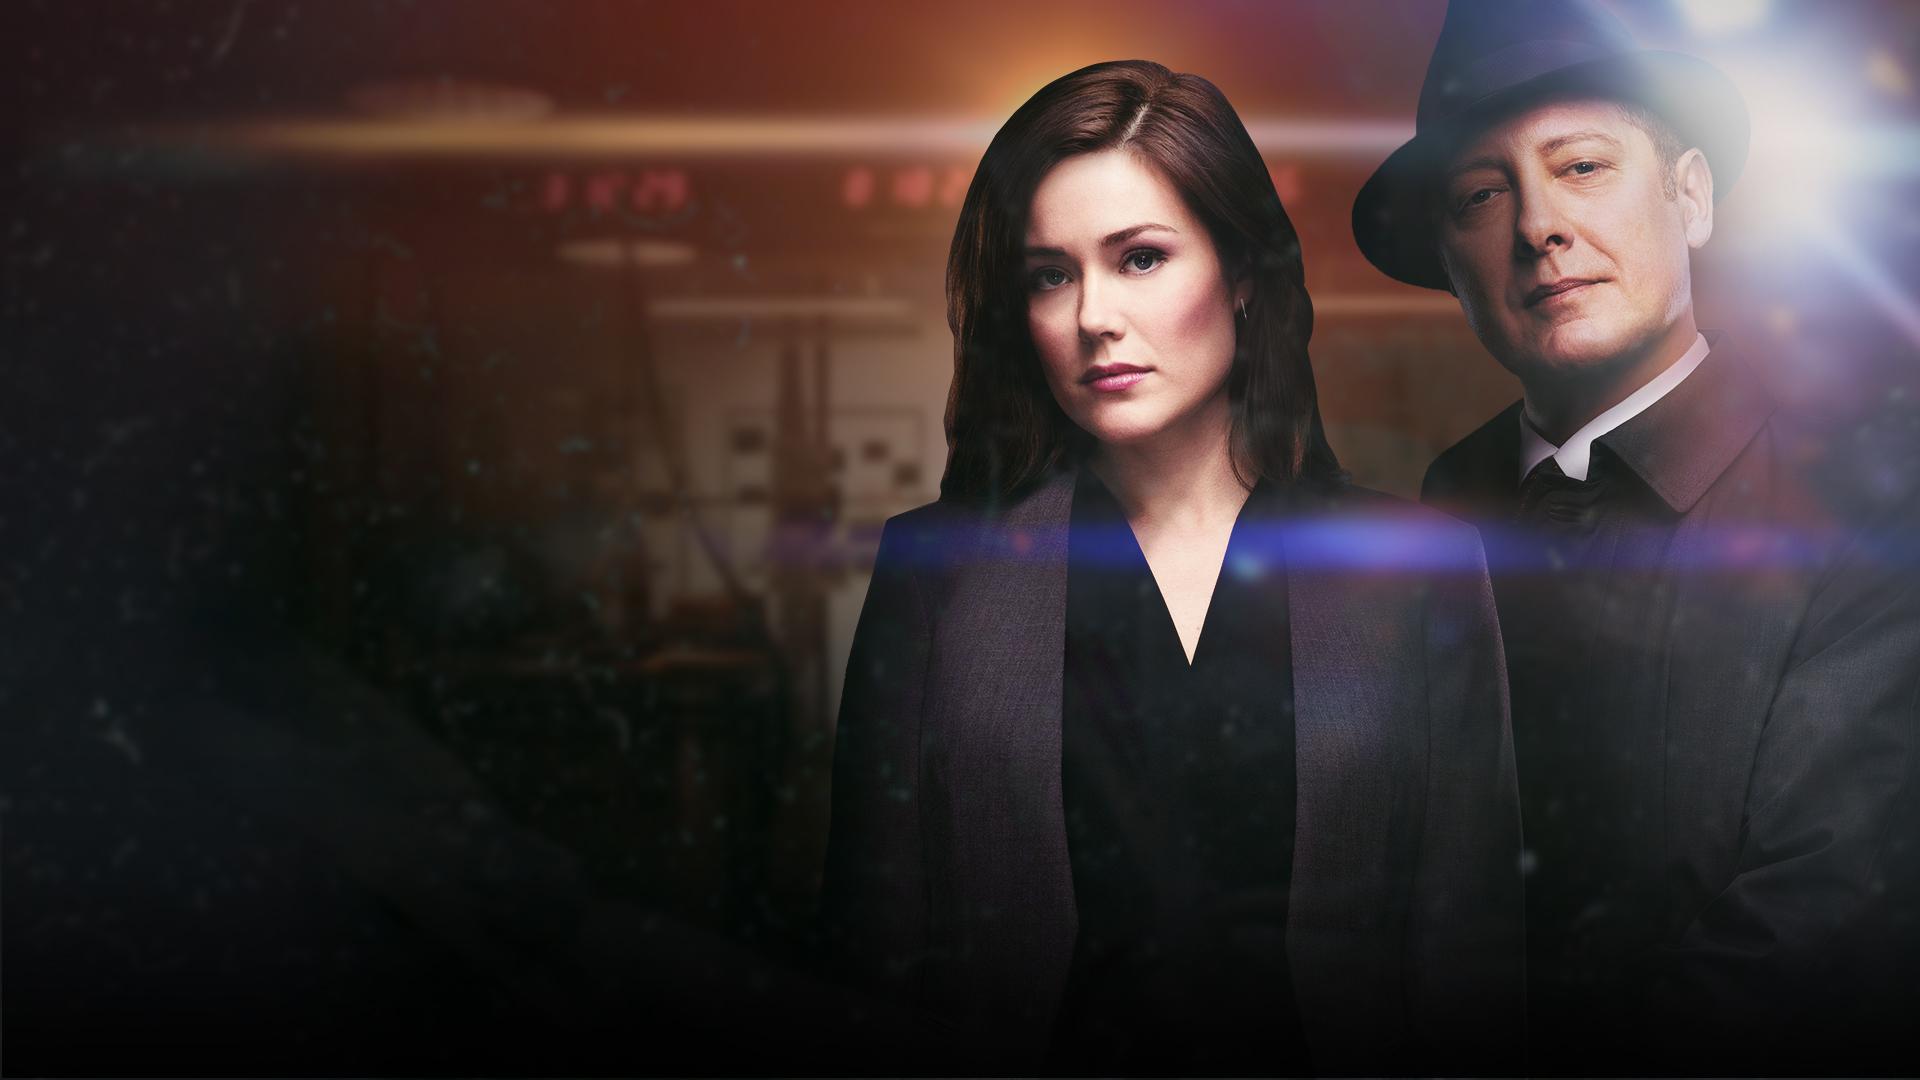 Finale seizoen zeven The Blacklist wordt deels geanimeerd